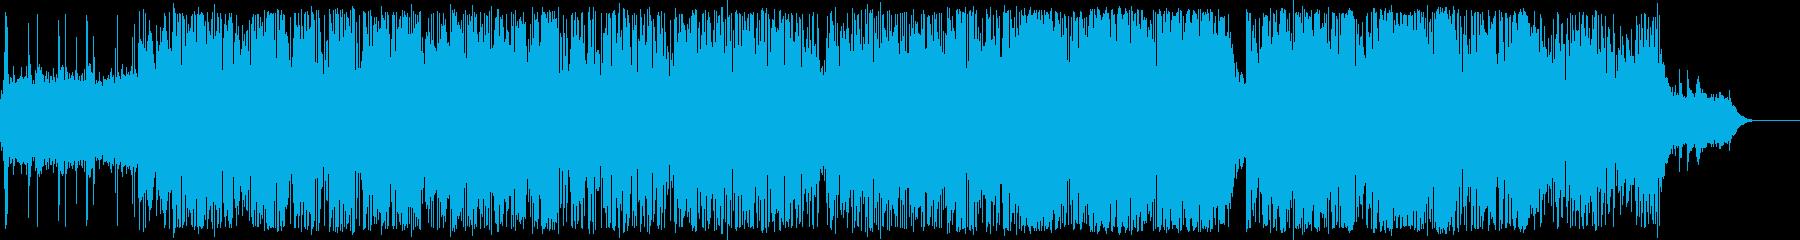 スペイシーなジャズ/ドラムンベースの再生済みの波形